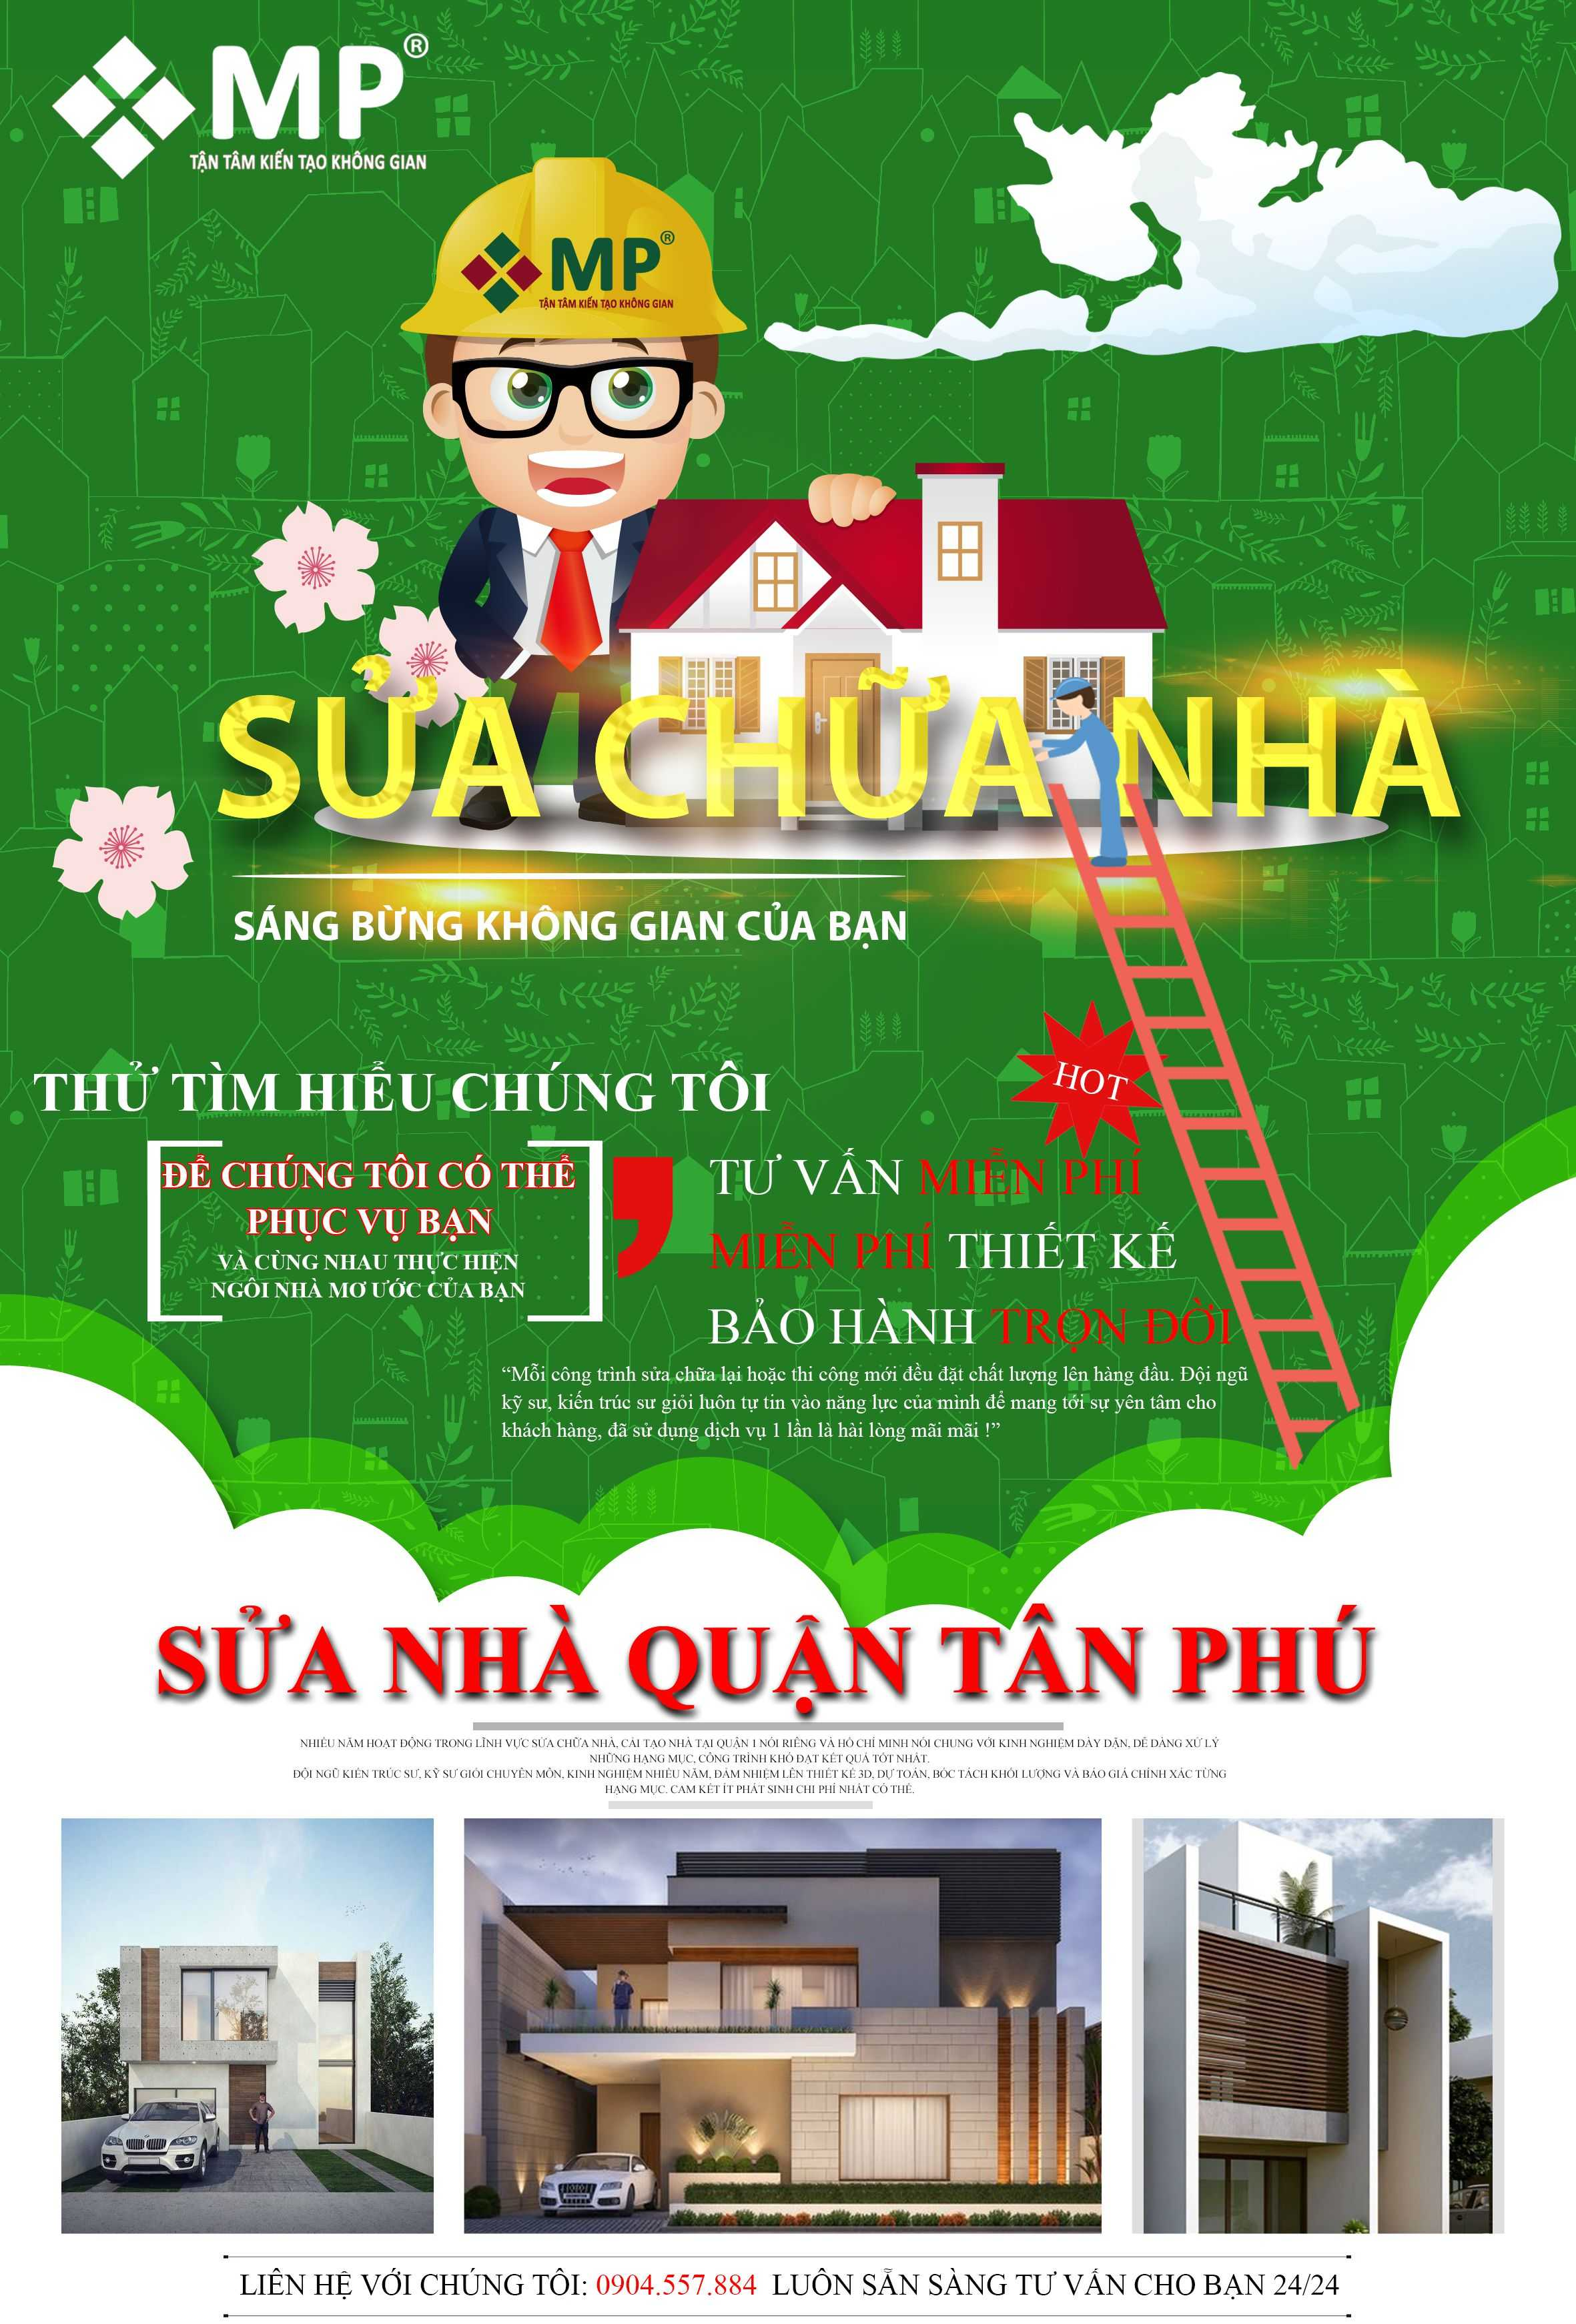 Công ty sửa chữa nhà quận Tân Phú